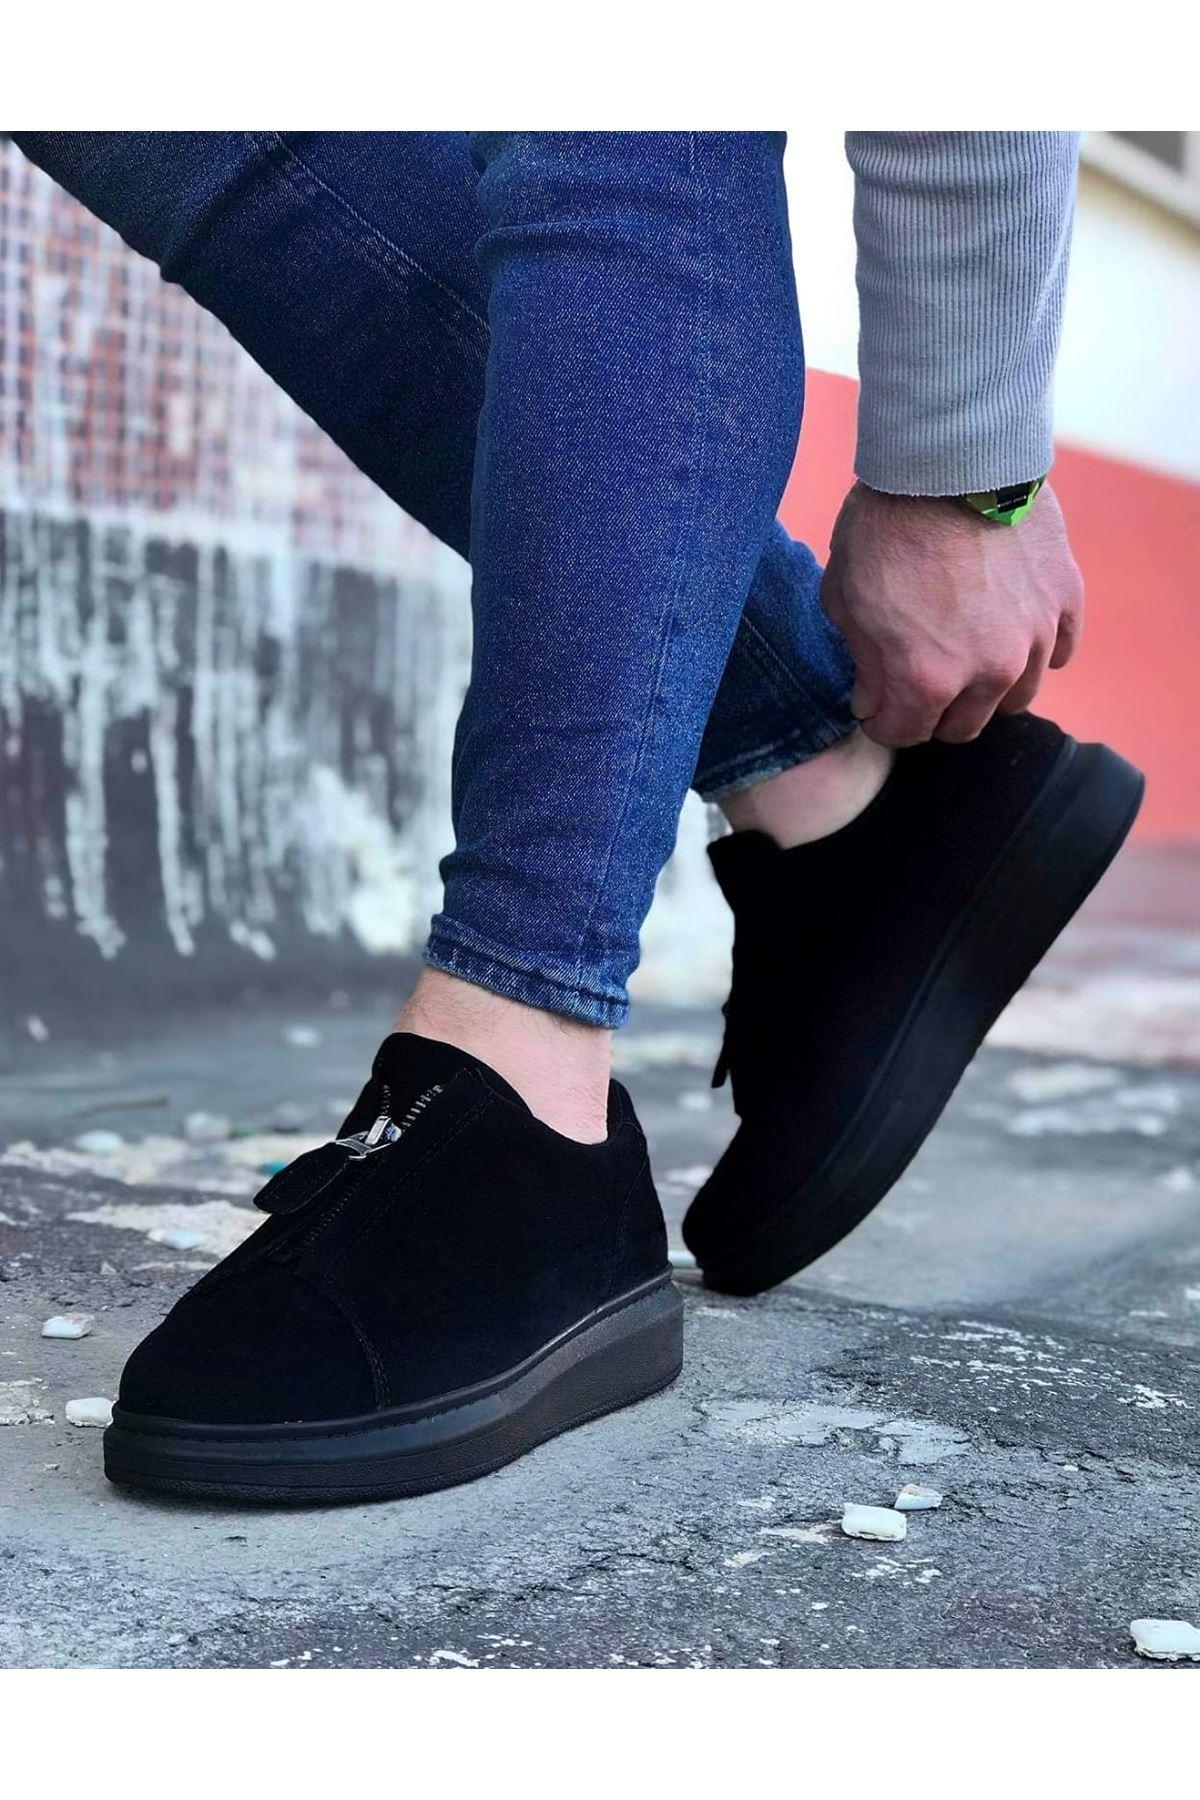 أسود جلد الغزال حذاء رجالي كاجوال الرجال أحذية رياضية غير رسمية 010 أحذية رجالي أحذية عالية وحيد العظام جديد أحذية أنيقة أحذية خفيفة